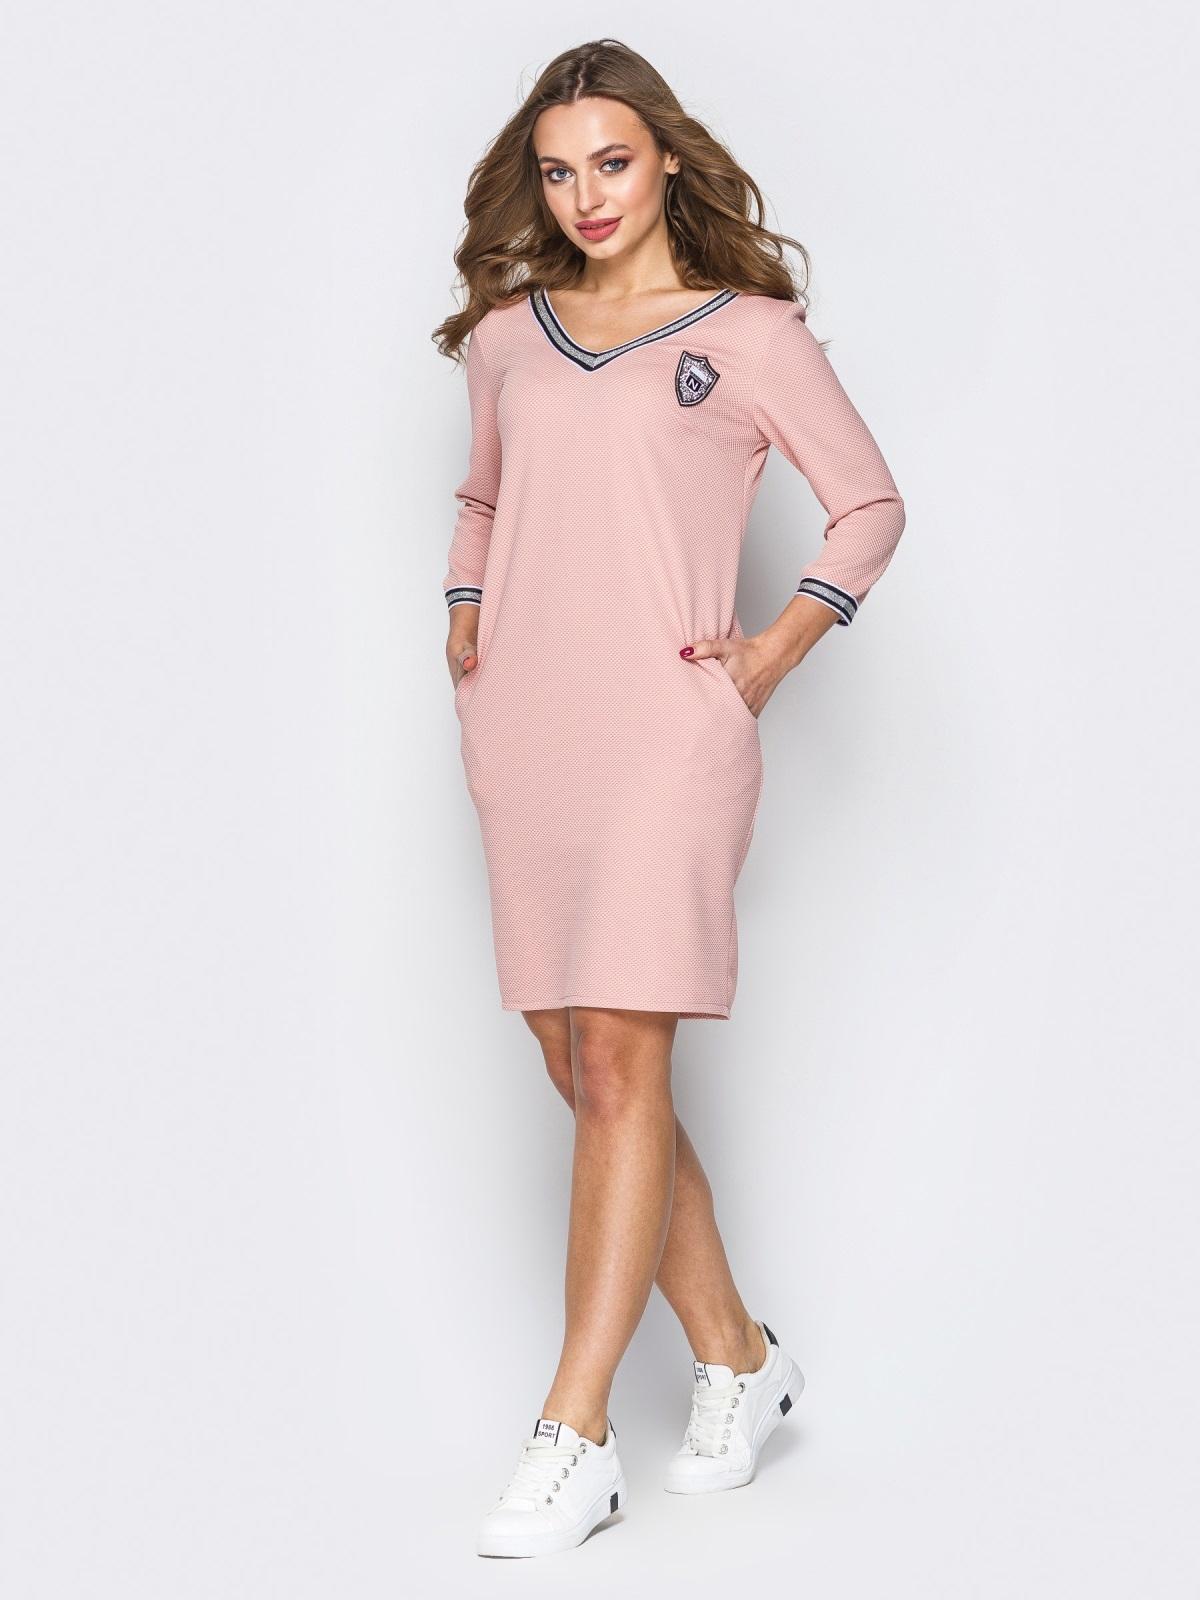 Розовое платье с широким V-вырезом и эмблемой - 19922, фото 1 – интернет-магазин Dressa